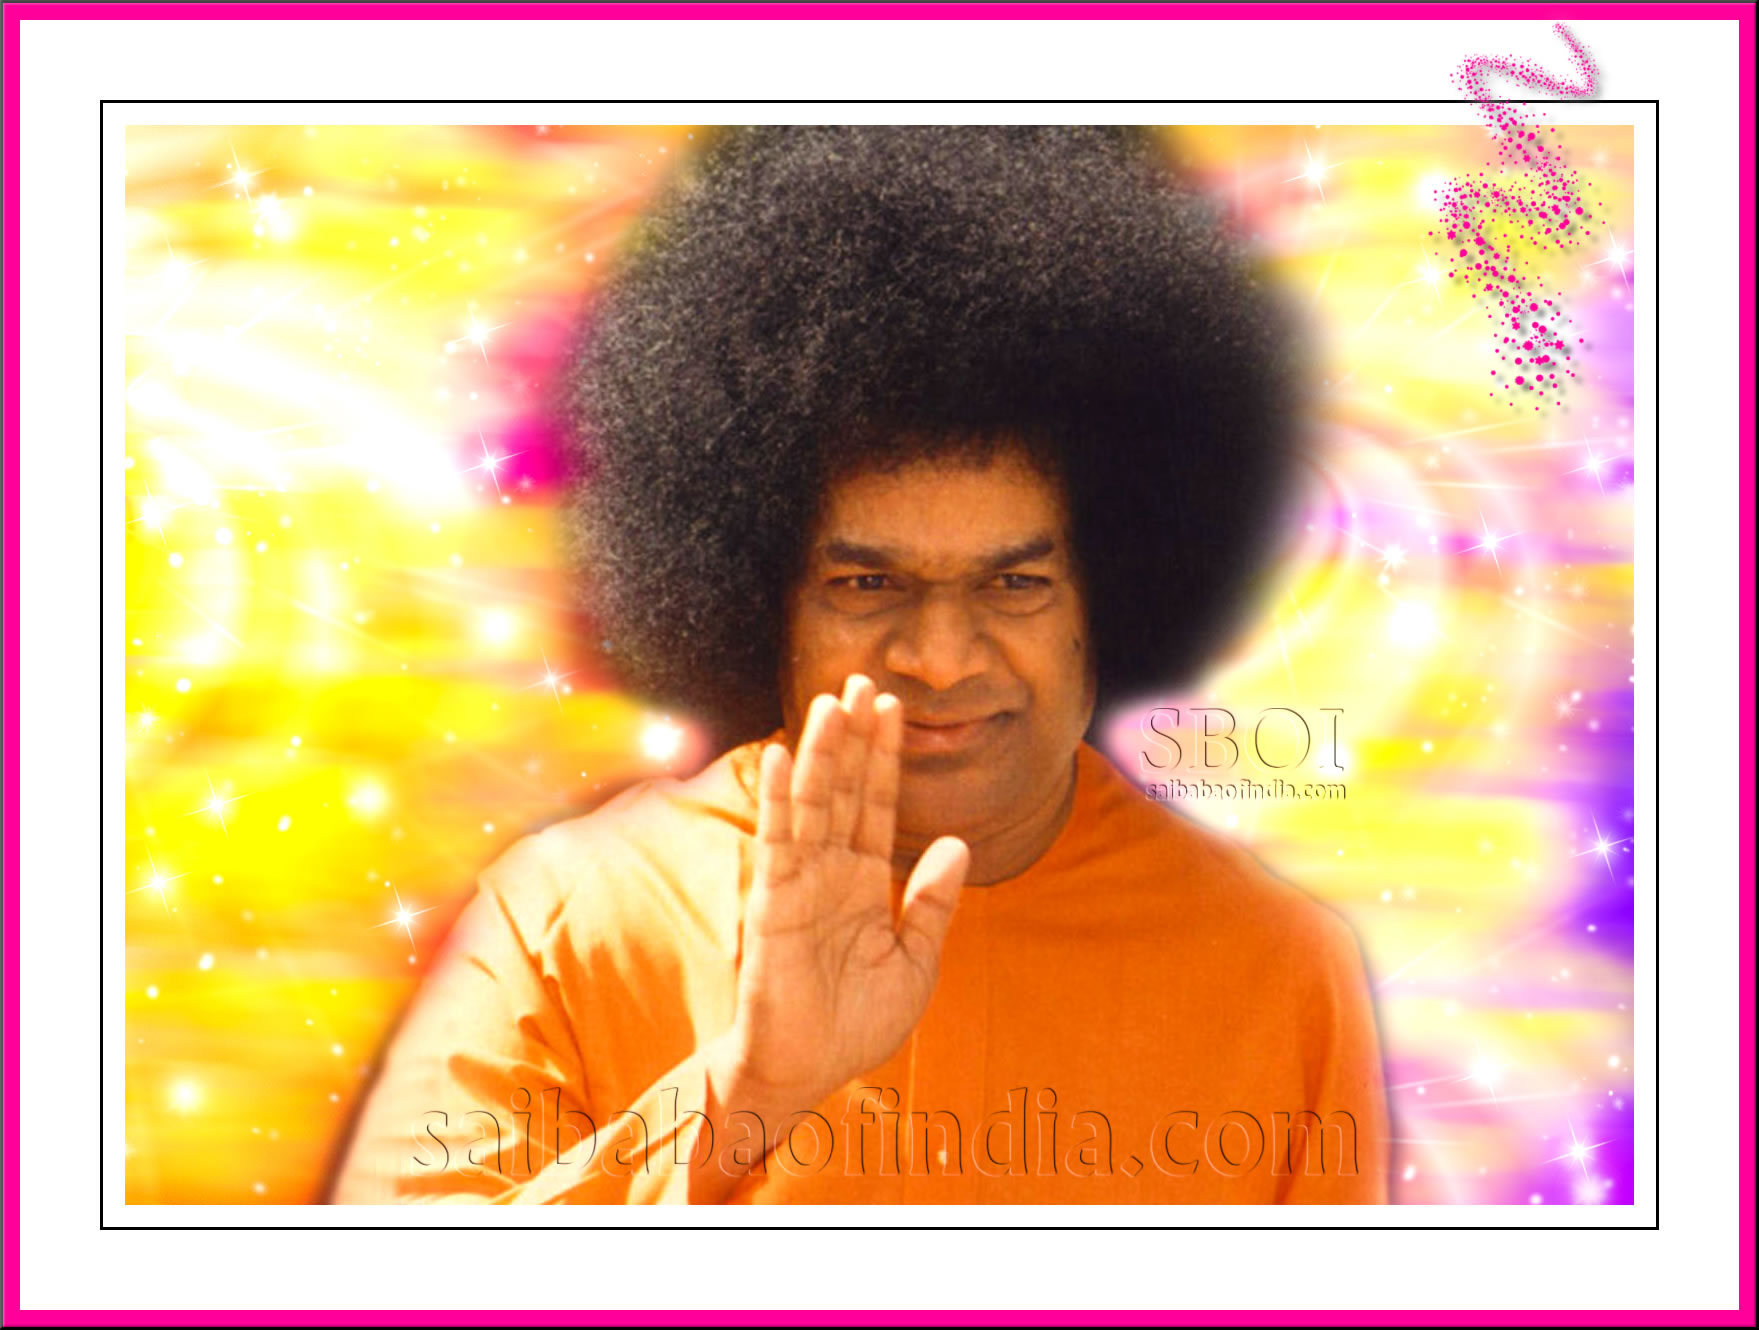 Sri Sathya Sai Baba's Health News-Sai Baba Darshan News & Photos